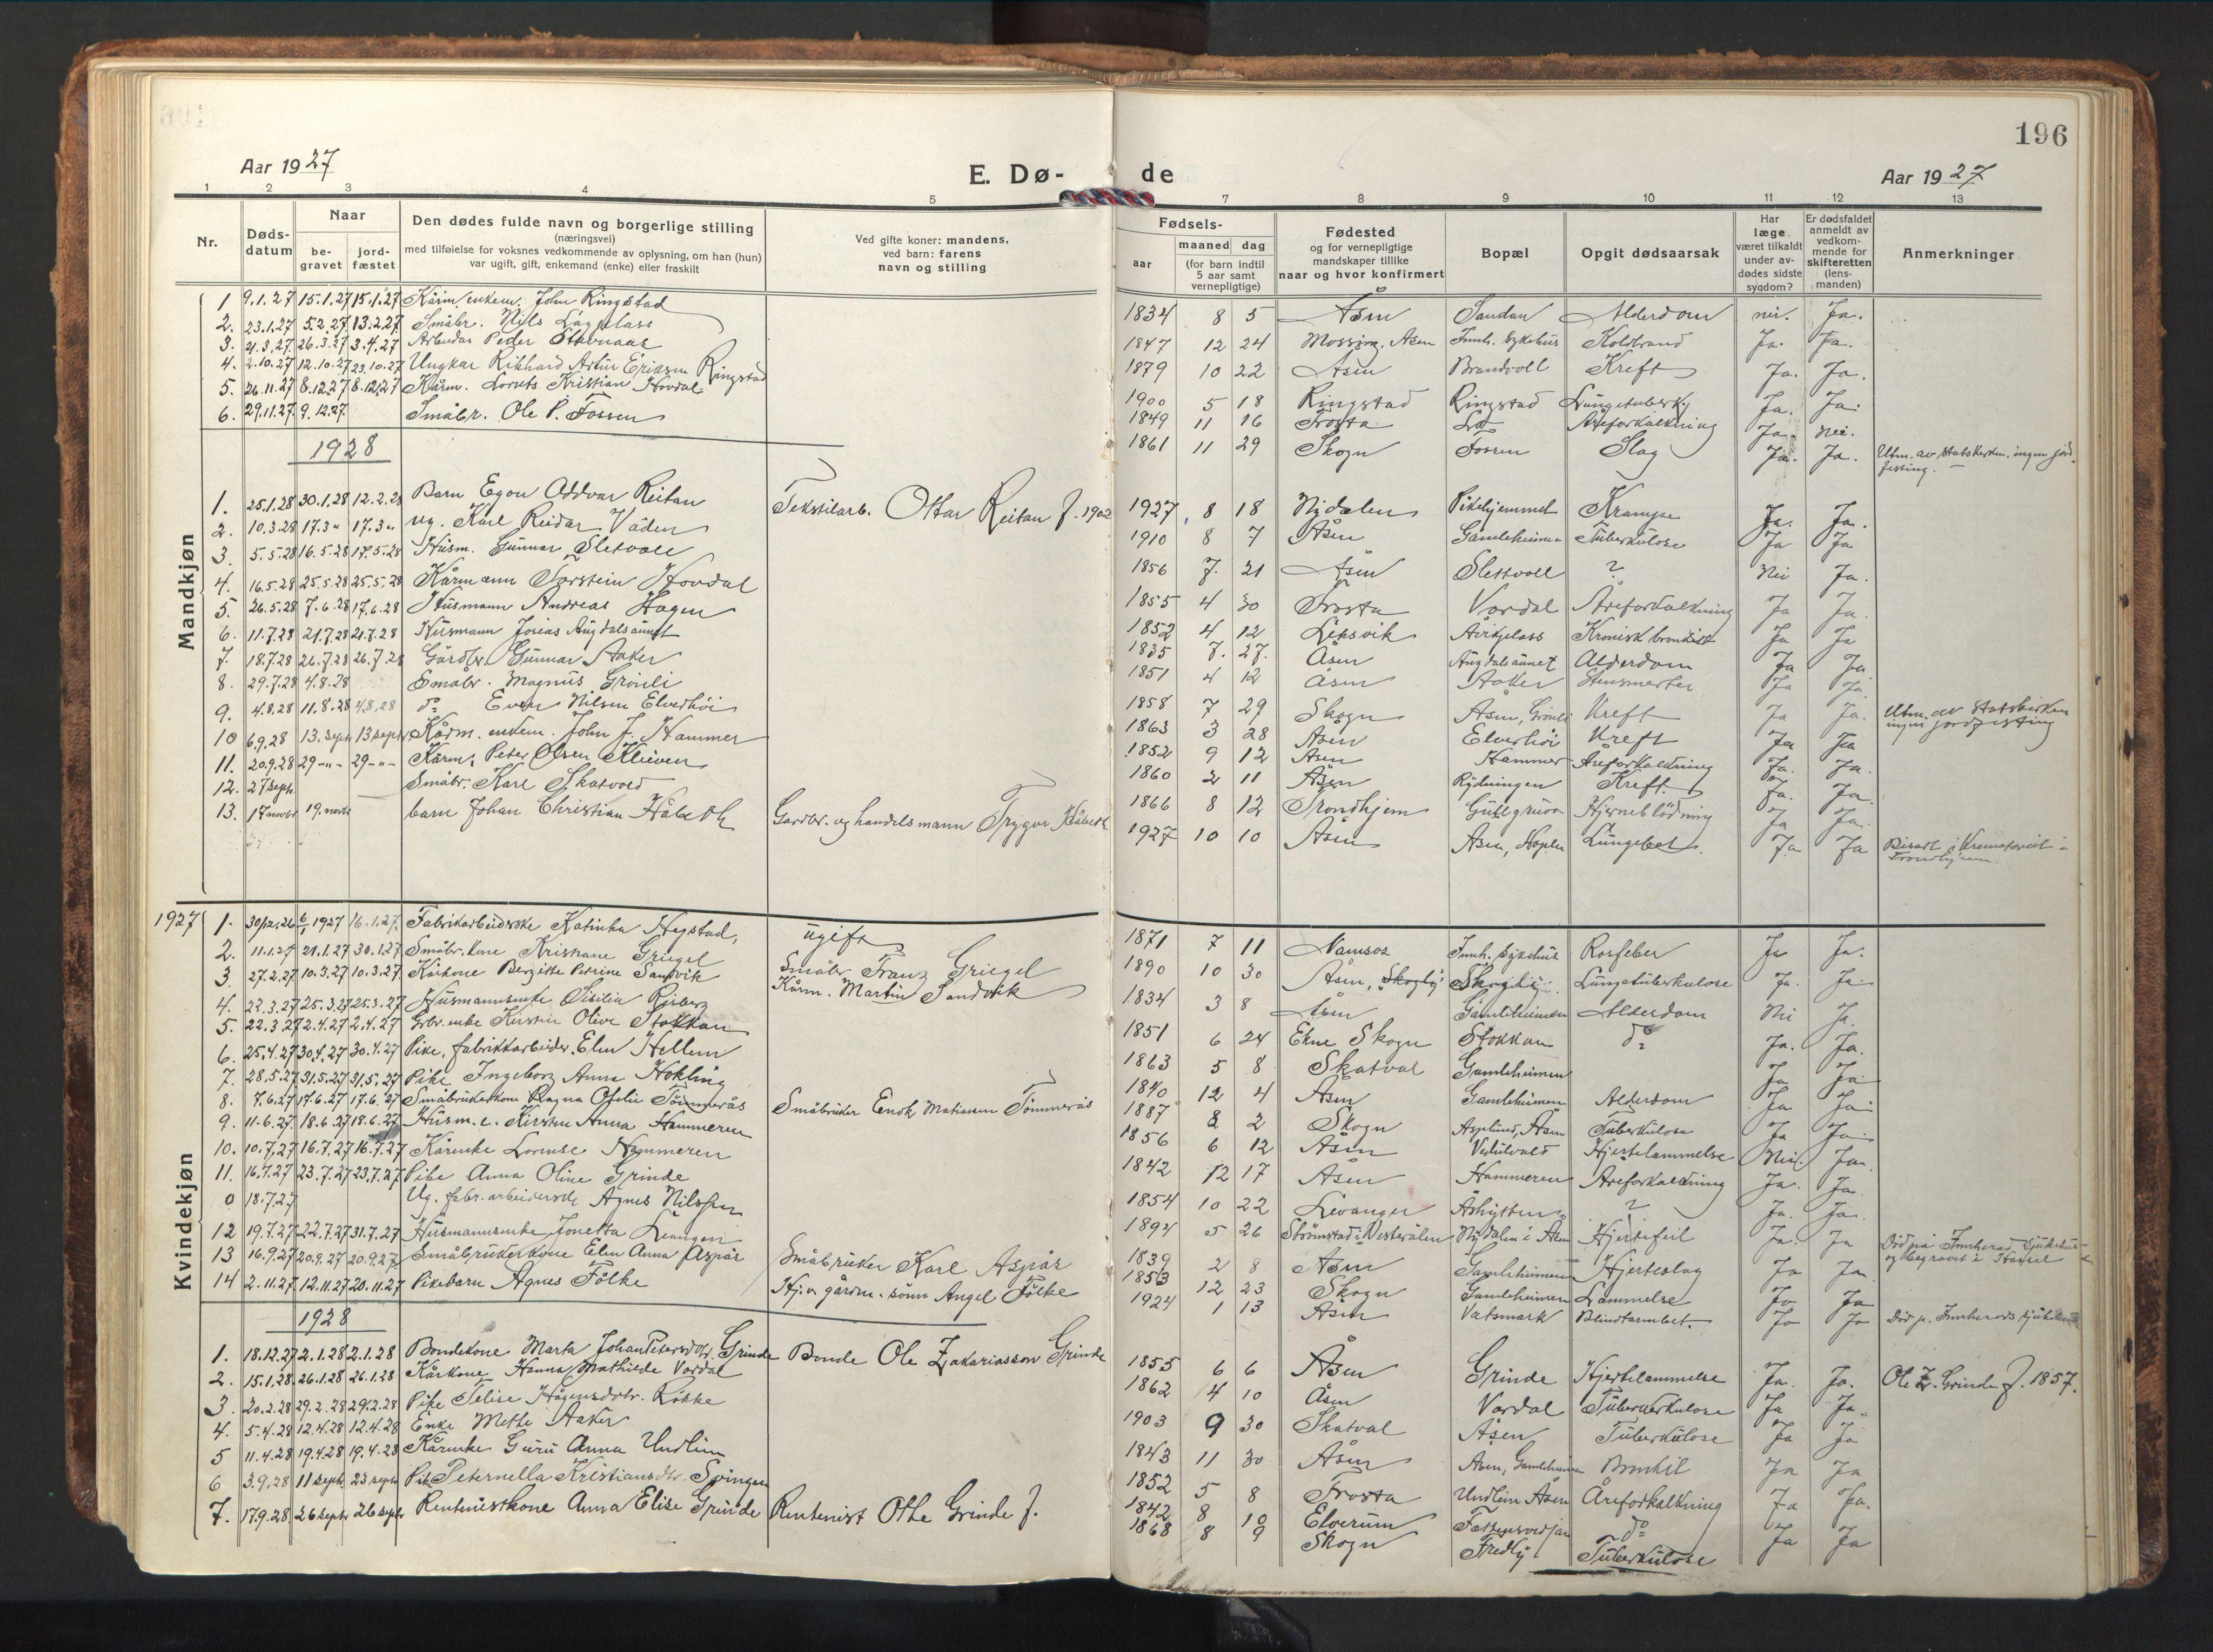 SAT, Ministerialprotokoller, klokkerbøker og fødselsregistre - Nord-Trøndelag, 714/L0136: Klokkerbok nr. 714C05, 1918-1957, s. 196